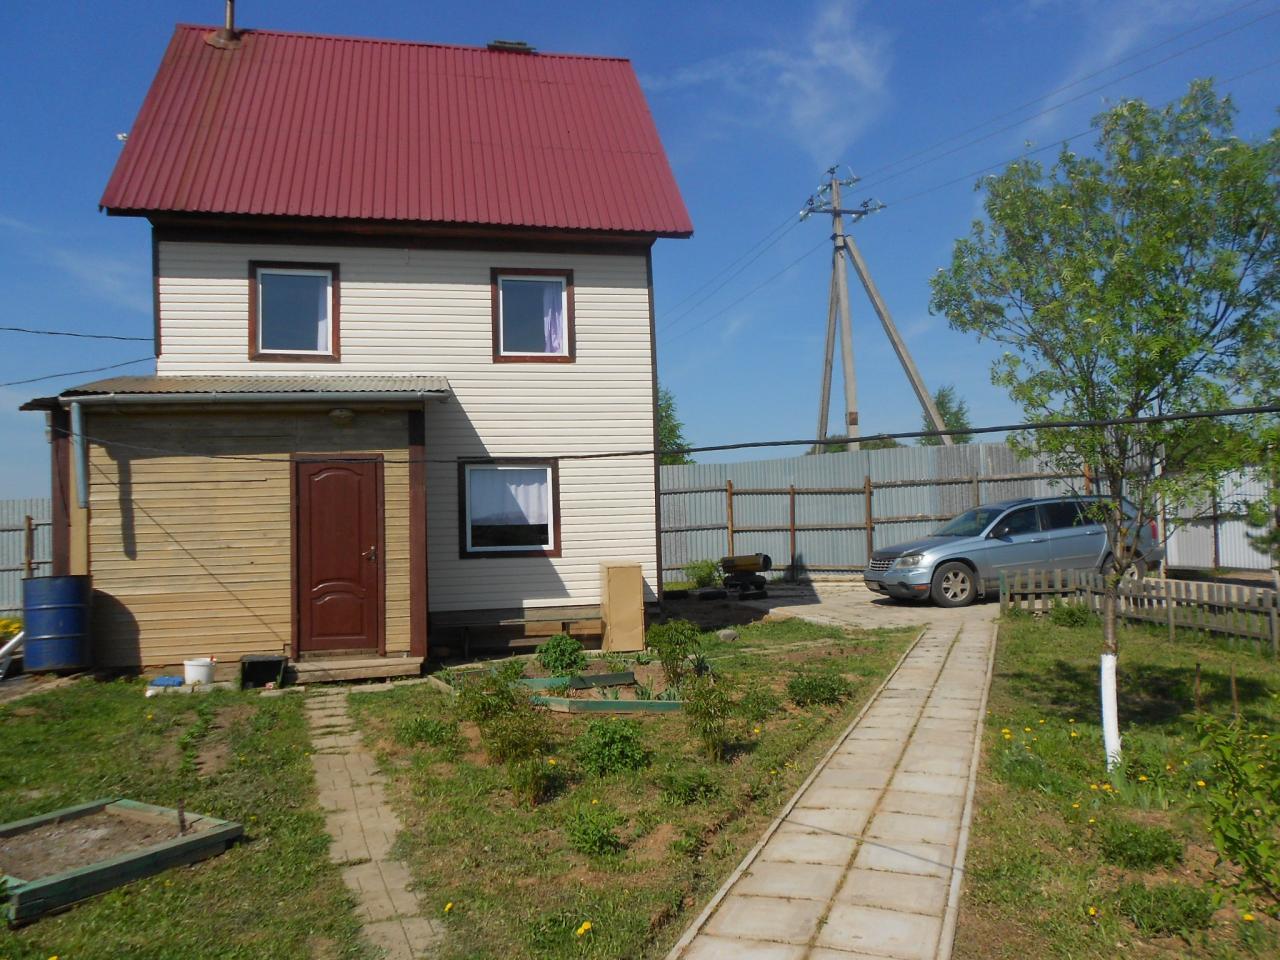 Продам дом в д. Запольское, Сергиево Посадского района.  | фото 1 из 3